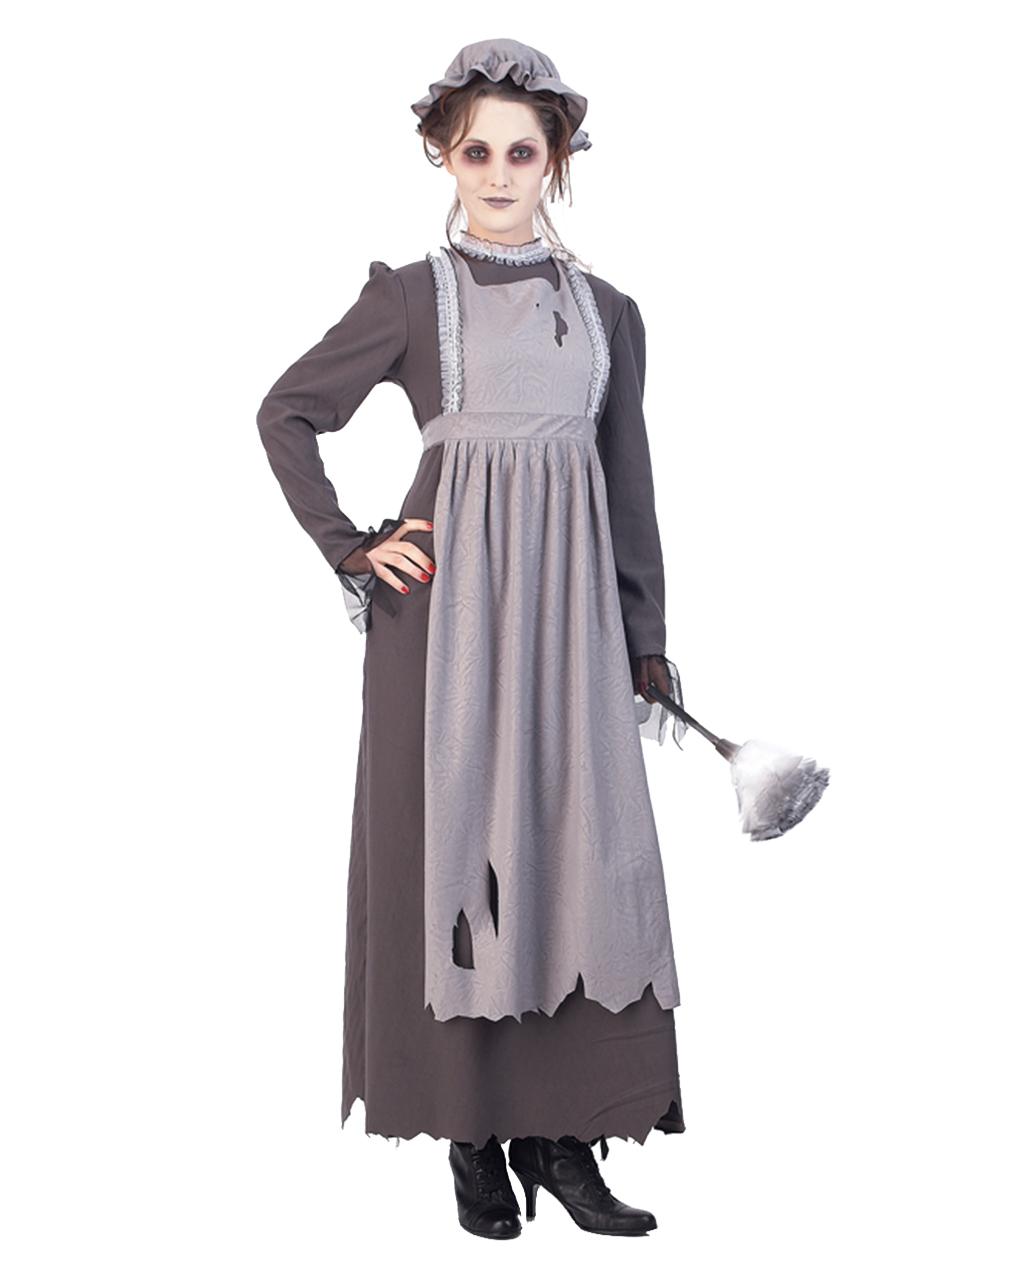 Untote Hausdame Kostum Zimmermadchen Kostum Karneval Universe